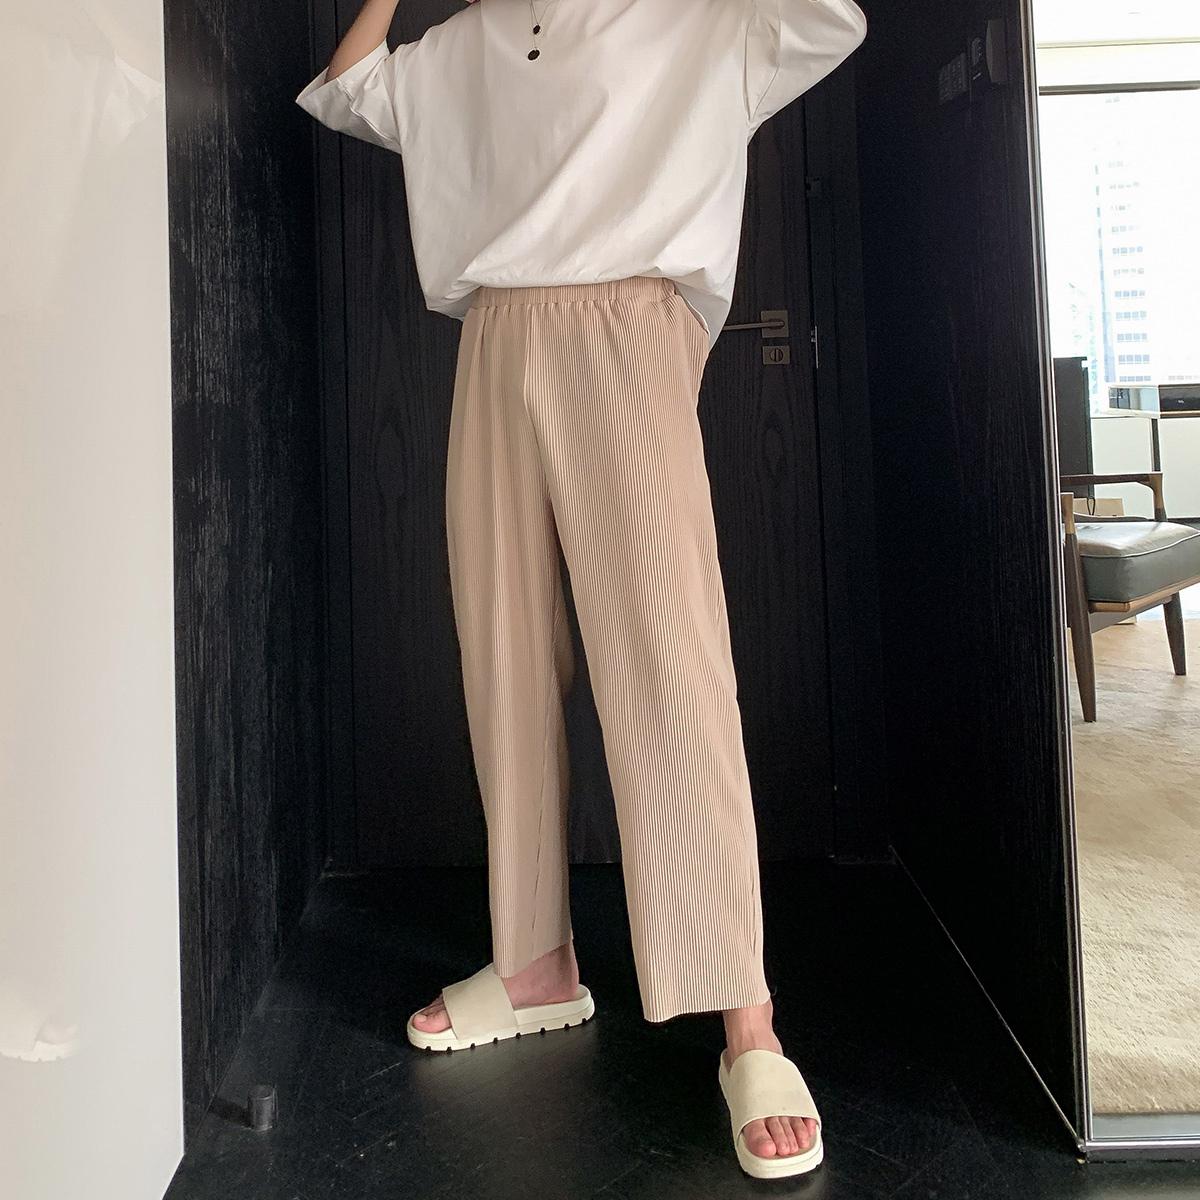 西西里男装男士薄款针织休闲裤子男韩版九分宽松直筒垂感